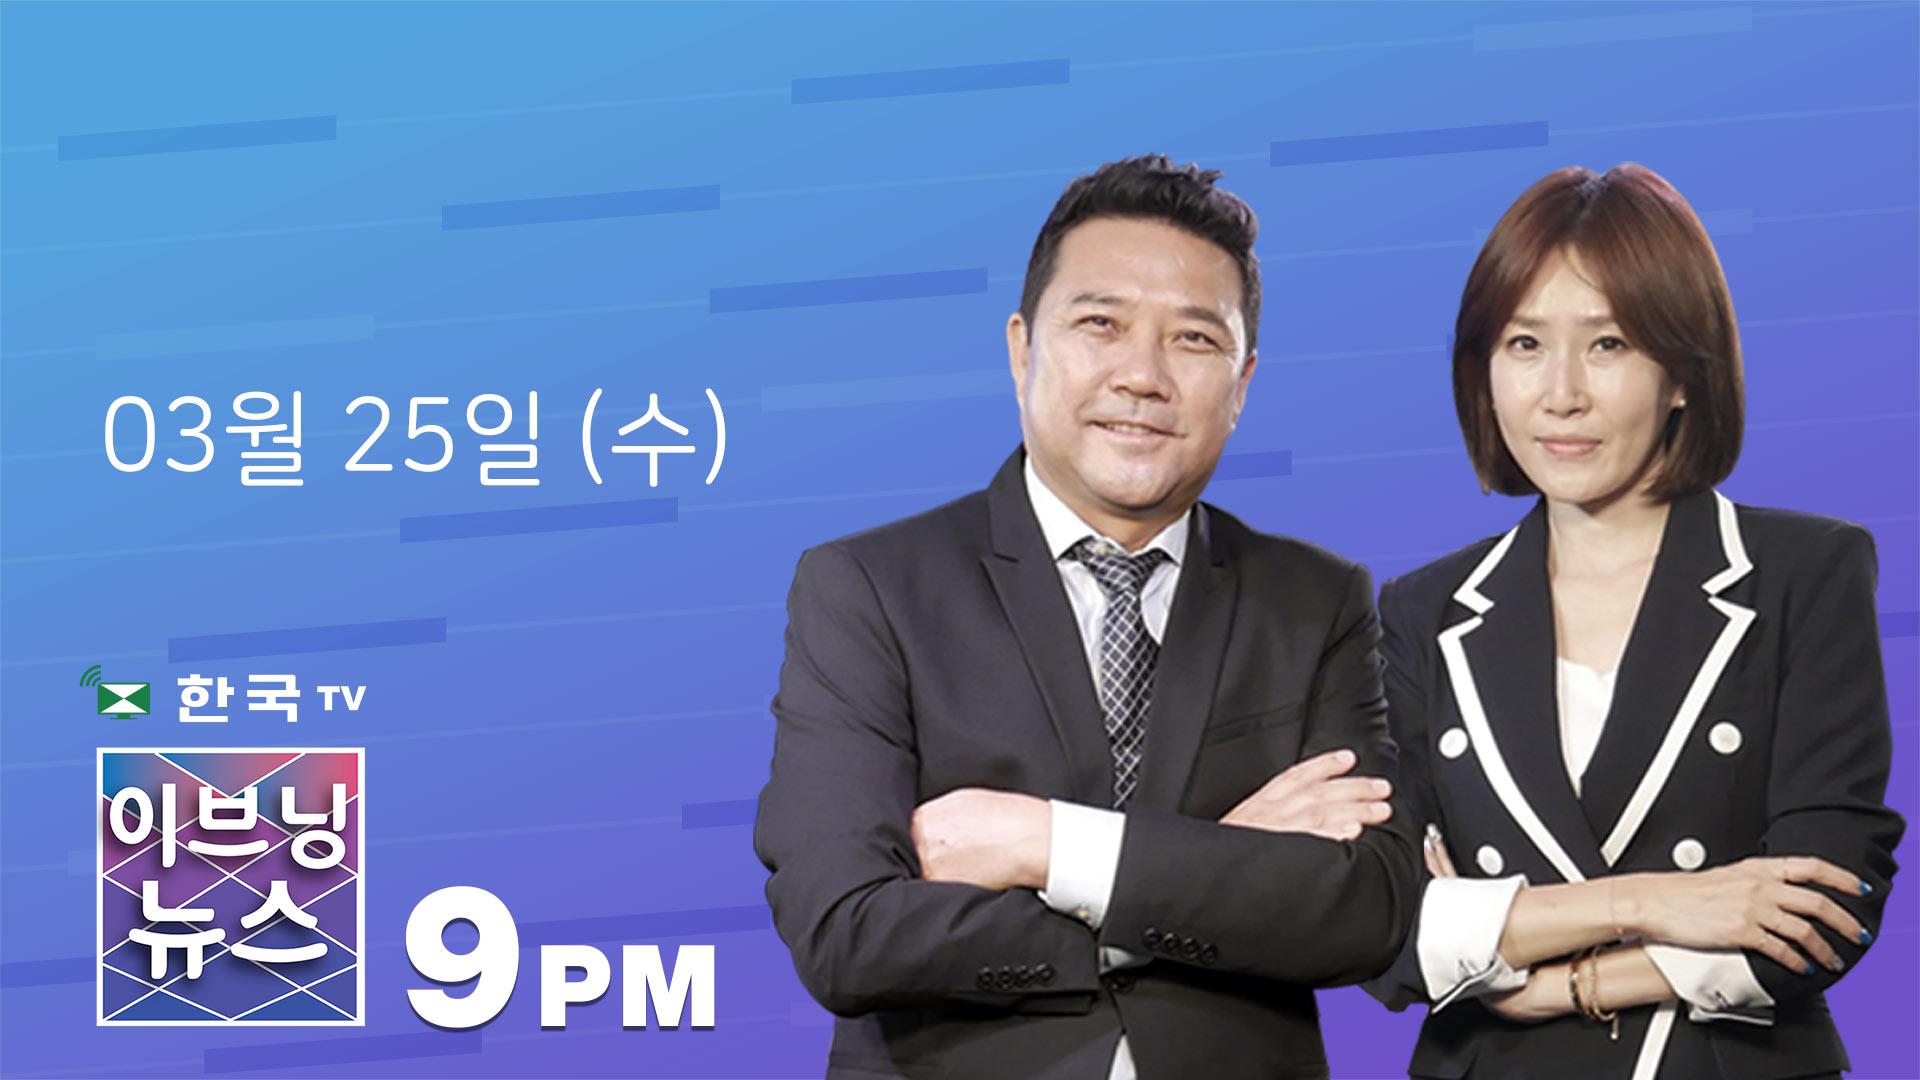 (03.25.2020) 한국TV 이브닝 뉴스